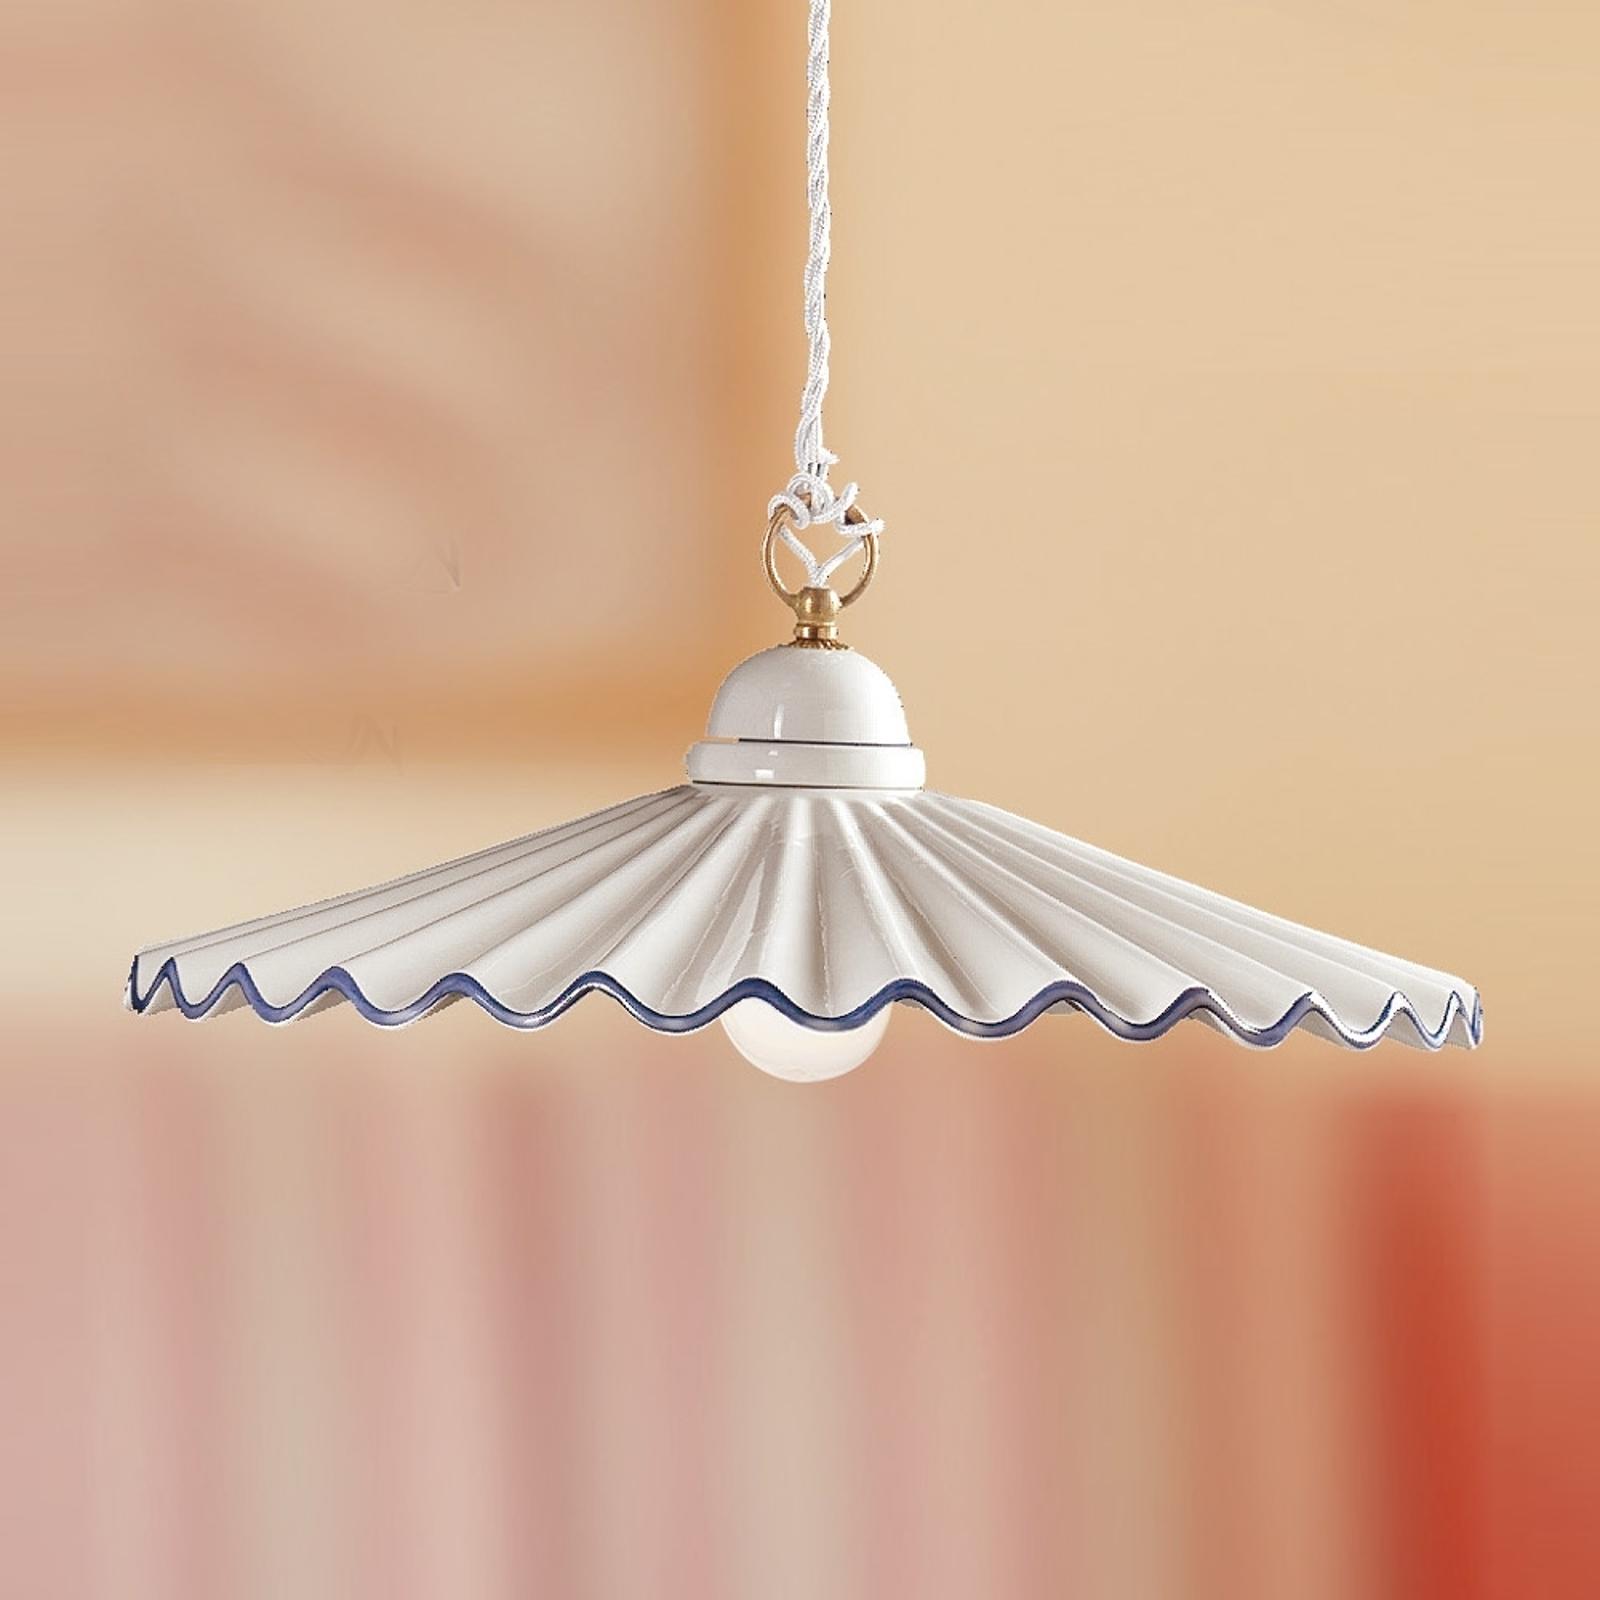 Lampa wisząca PIEGHE w stylu dworkowym 43 cm